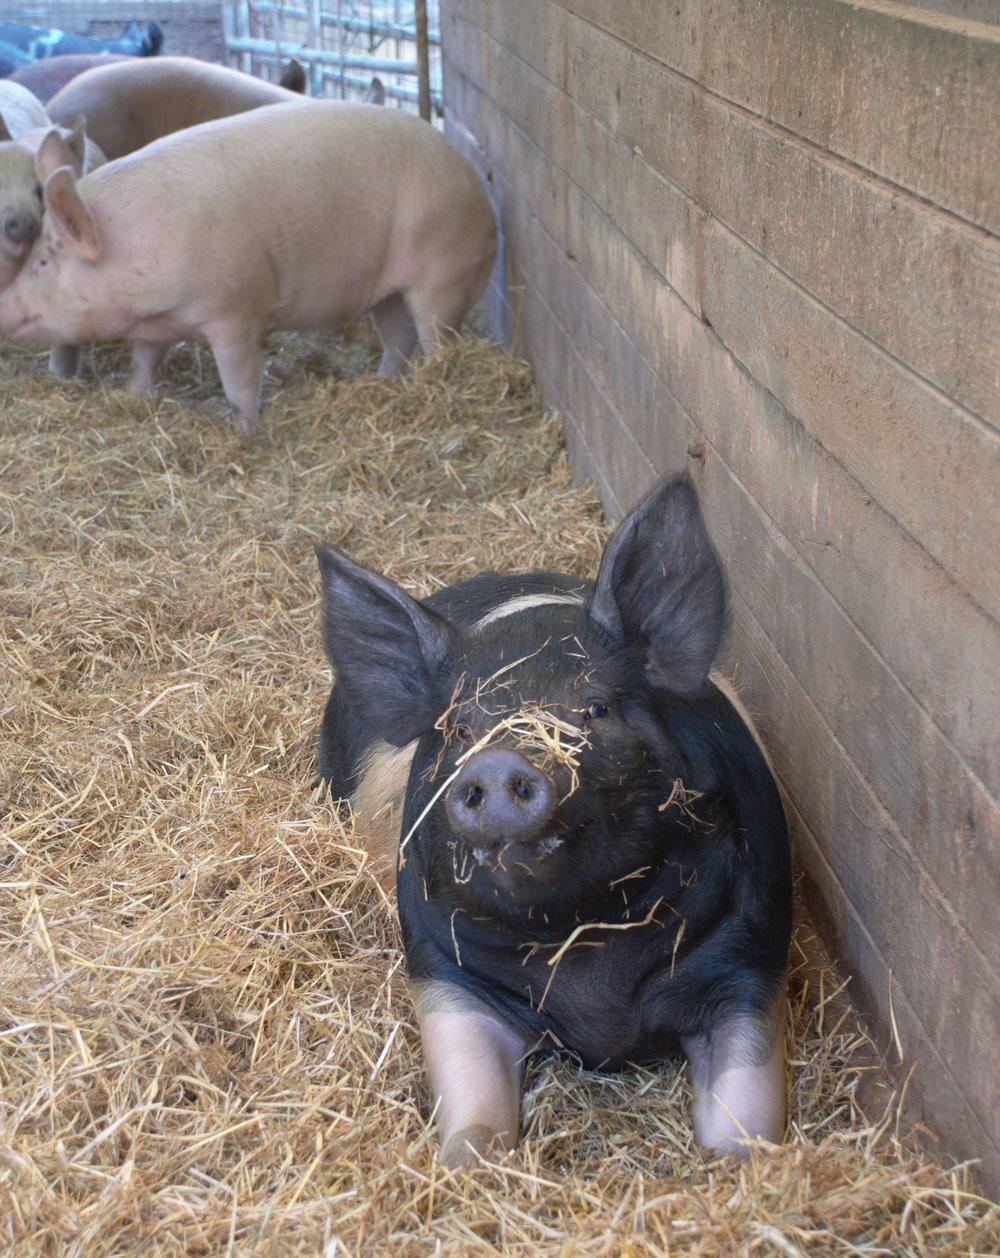 piglet in hoop house cropped.jpg